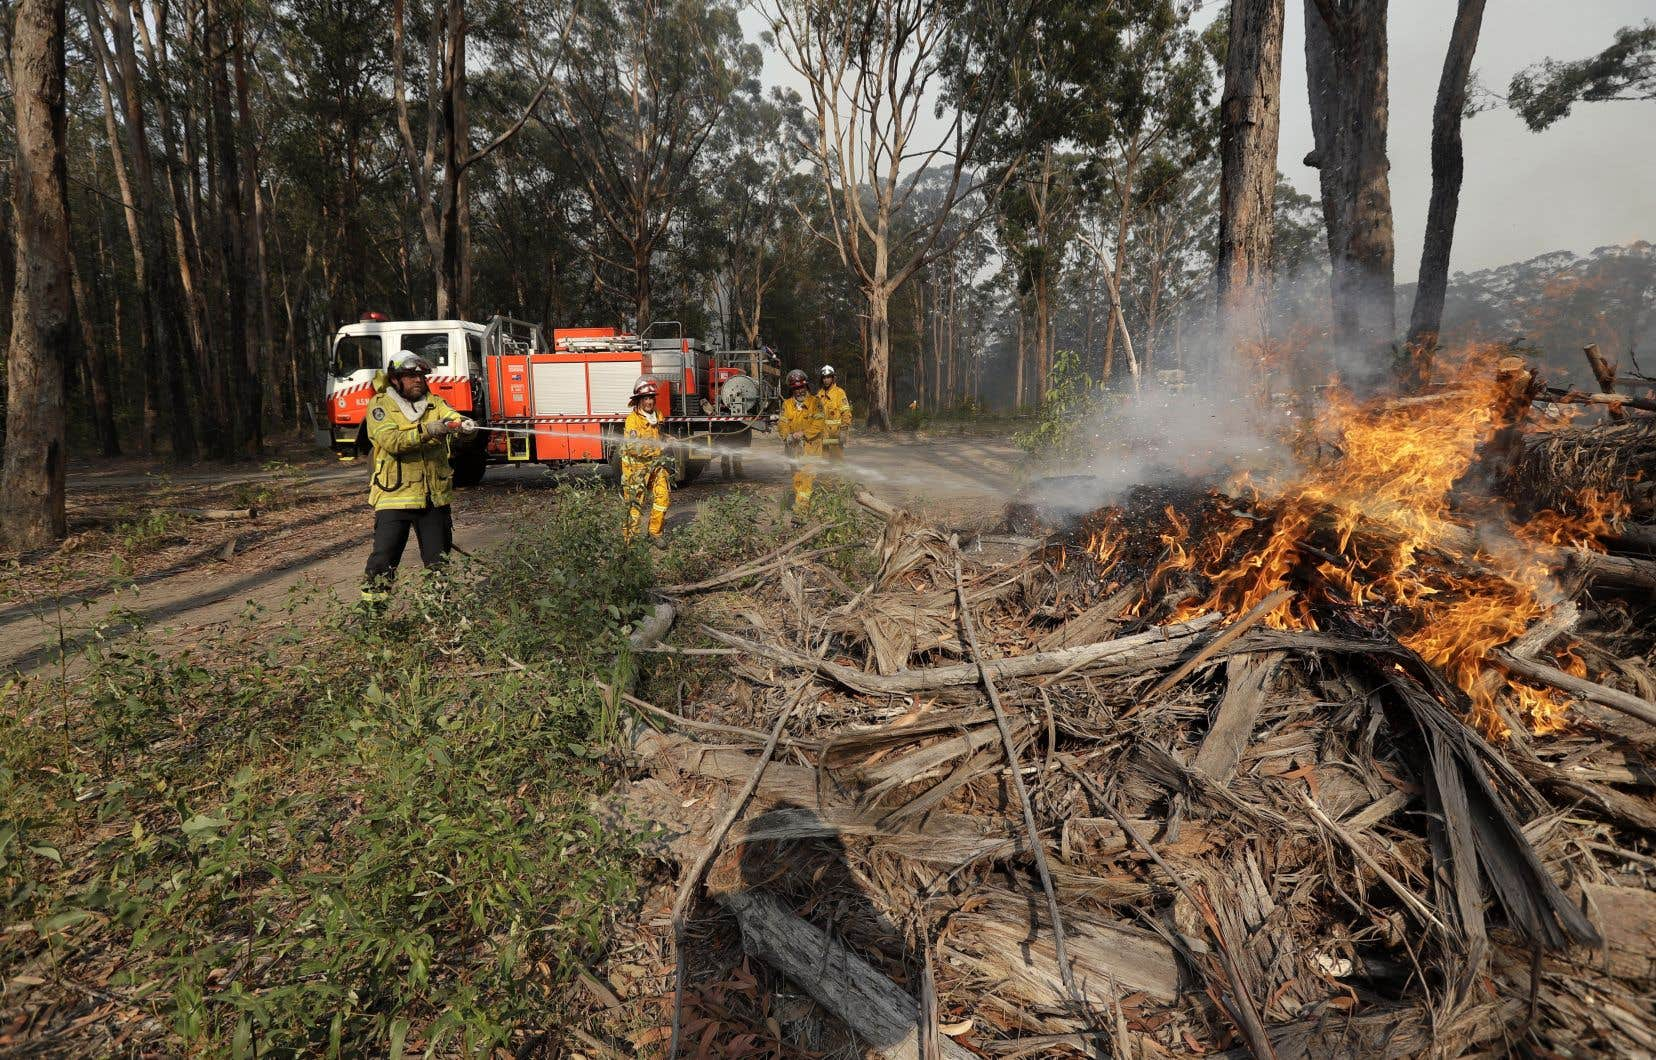 Dans le sud-est de l'Australie, où les feux brûlent avec le plus d'intensité ces derniers jours, une sécheresse perdure depuis janvier 2017.